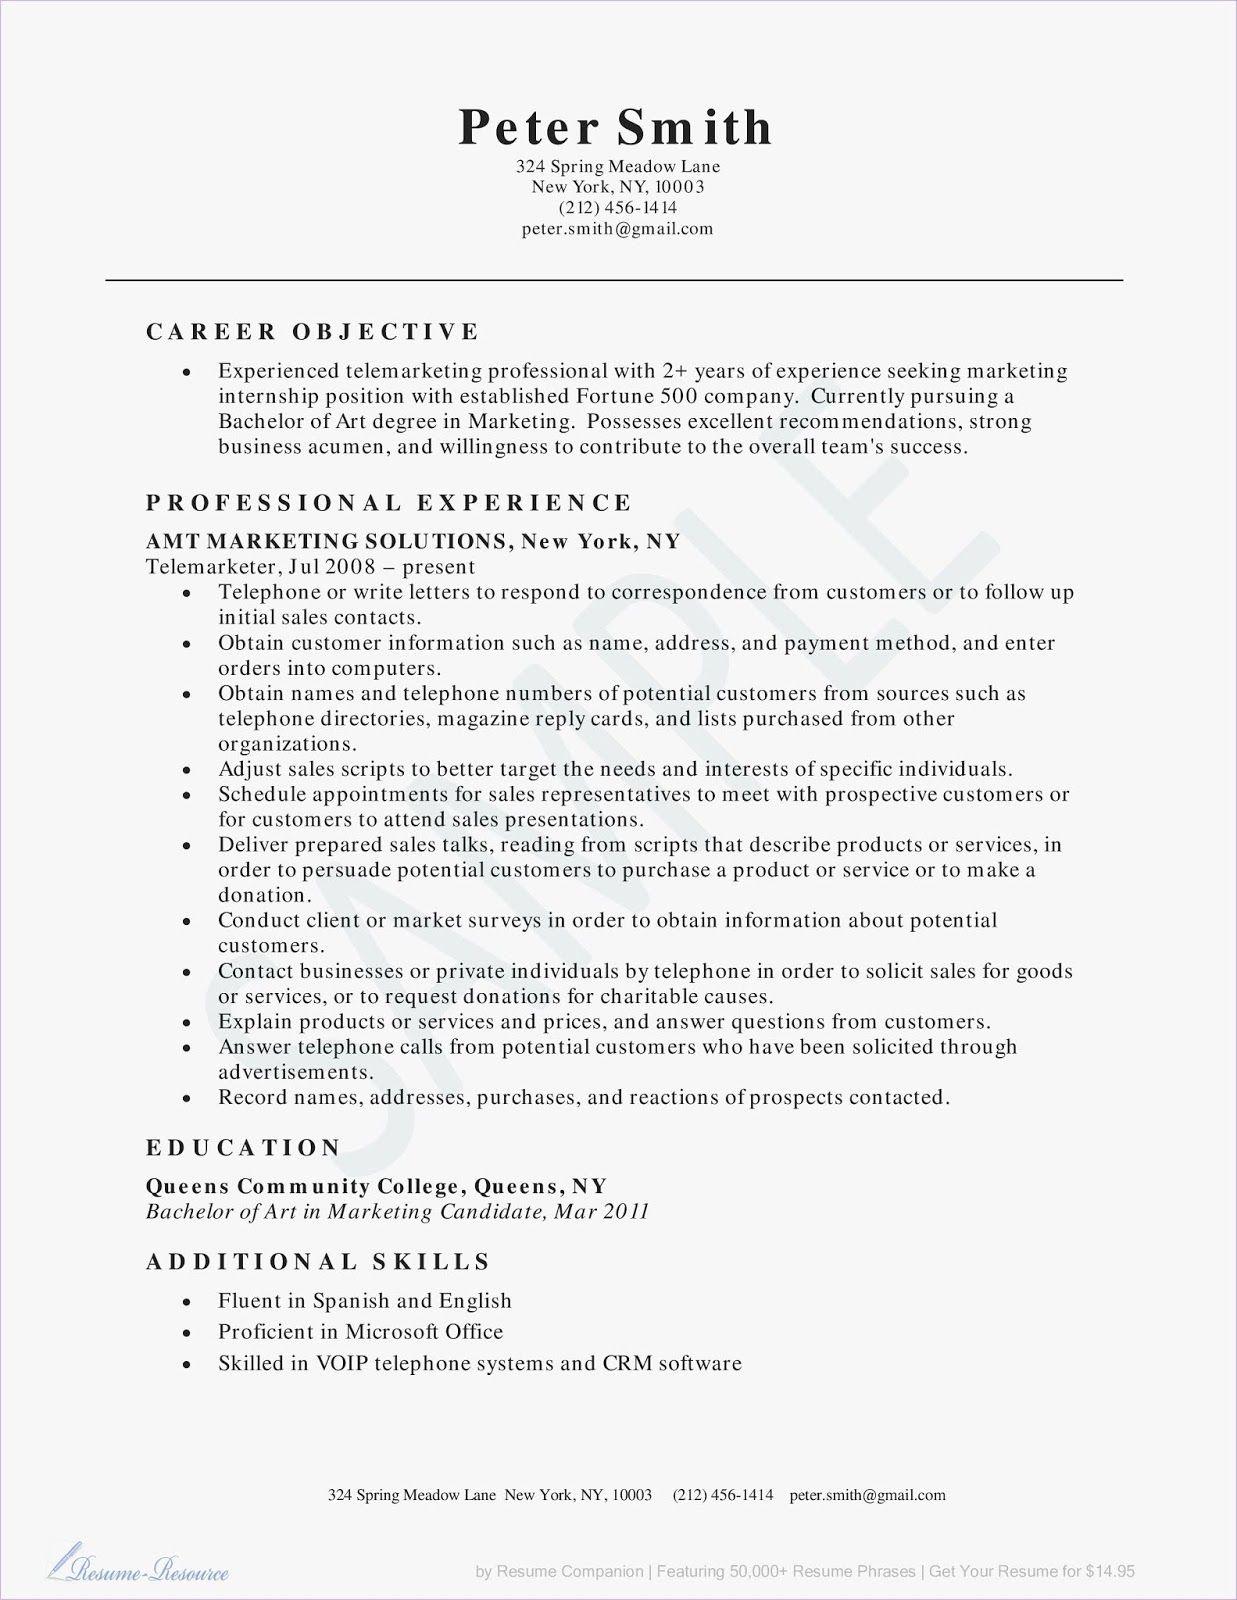 unique resume titles interesting resume titles 2019 unique